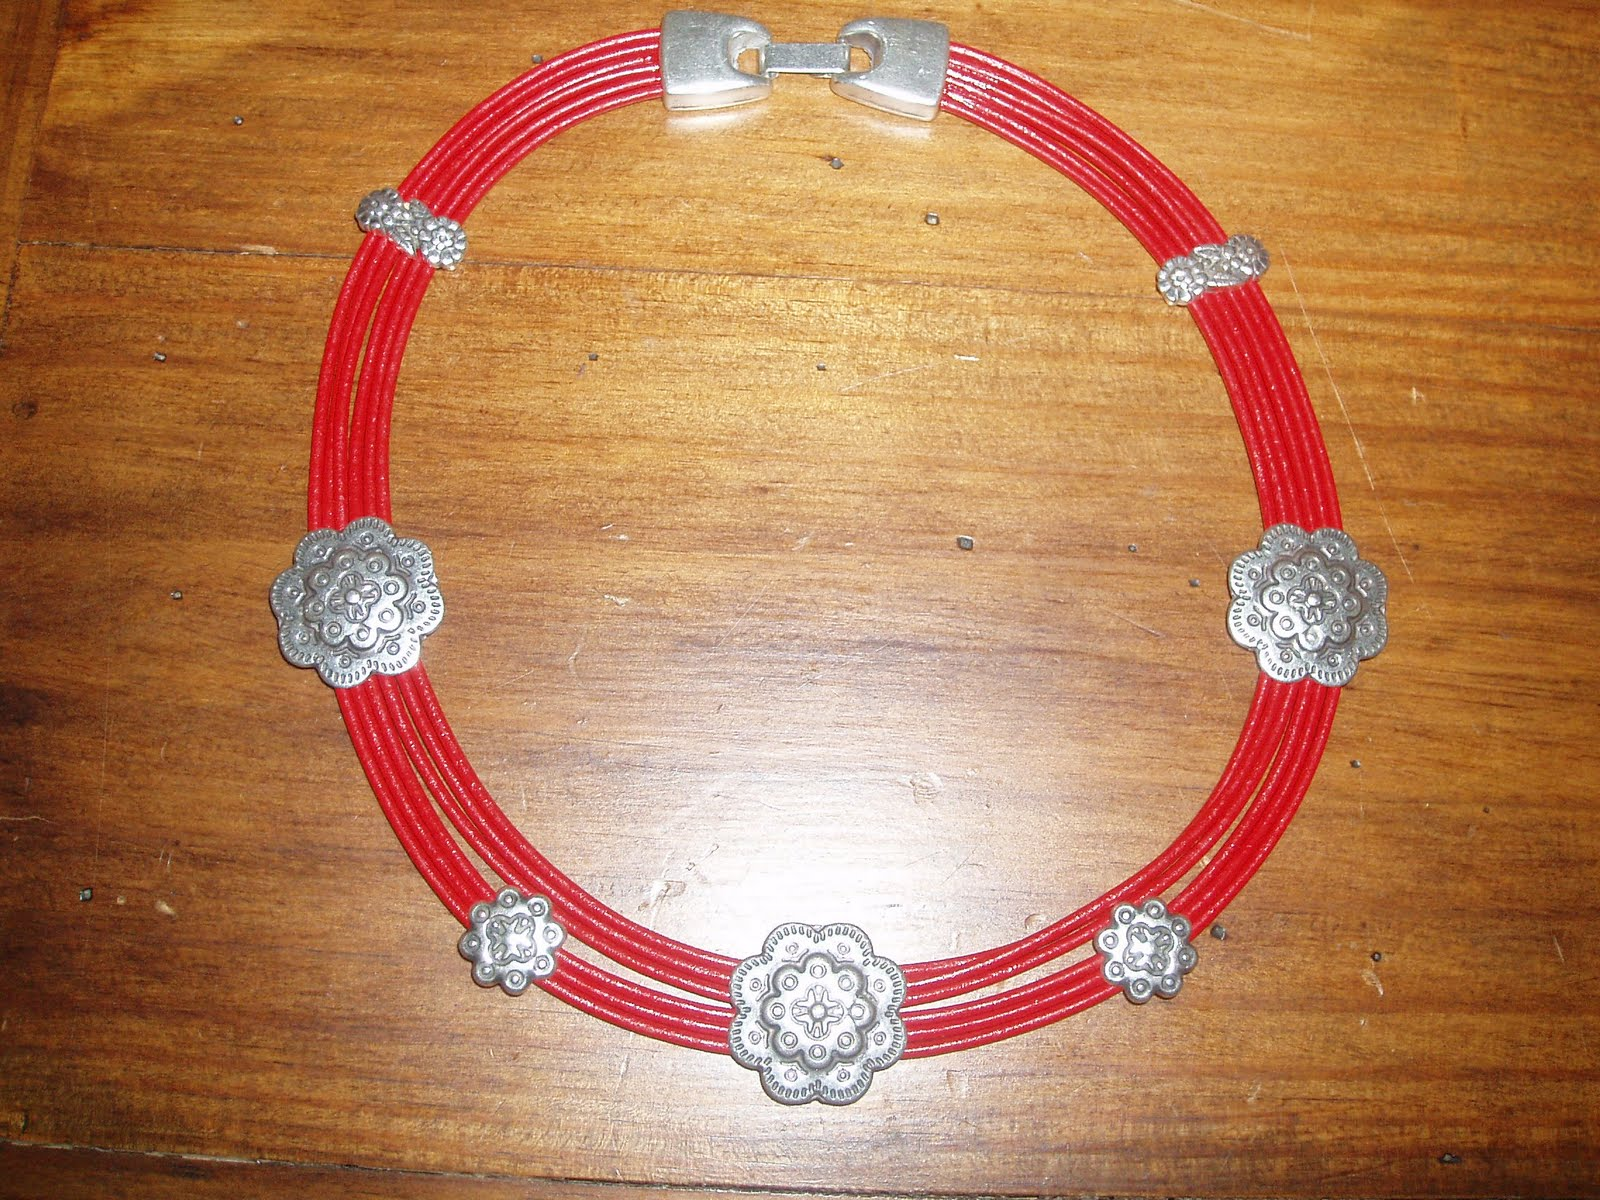 Mis complementos de bisuteria preferidos collar en cuero - Complementos de bisuteria ...